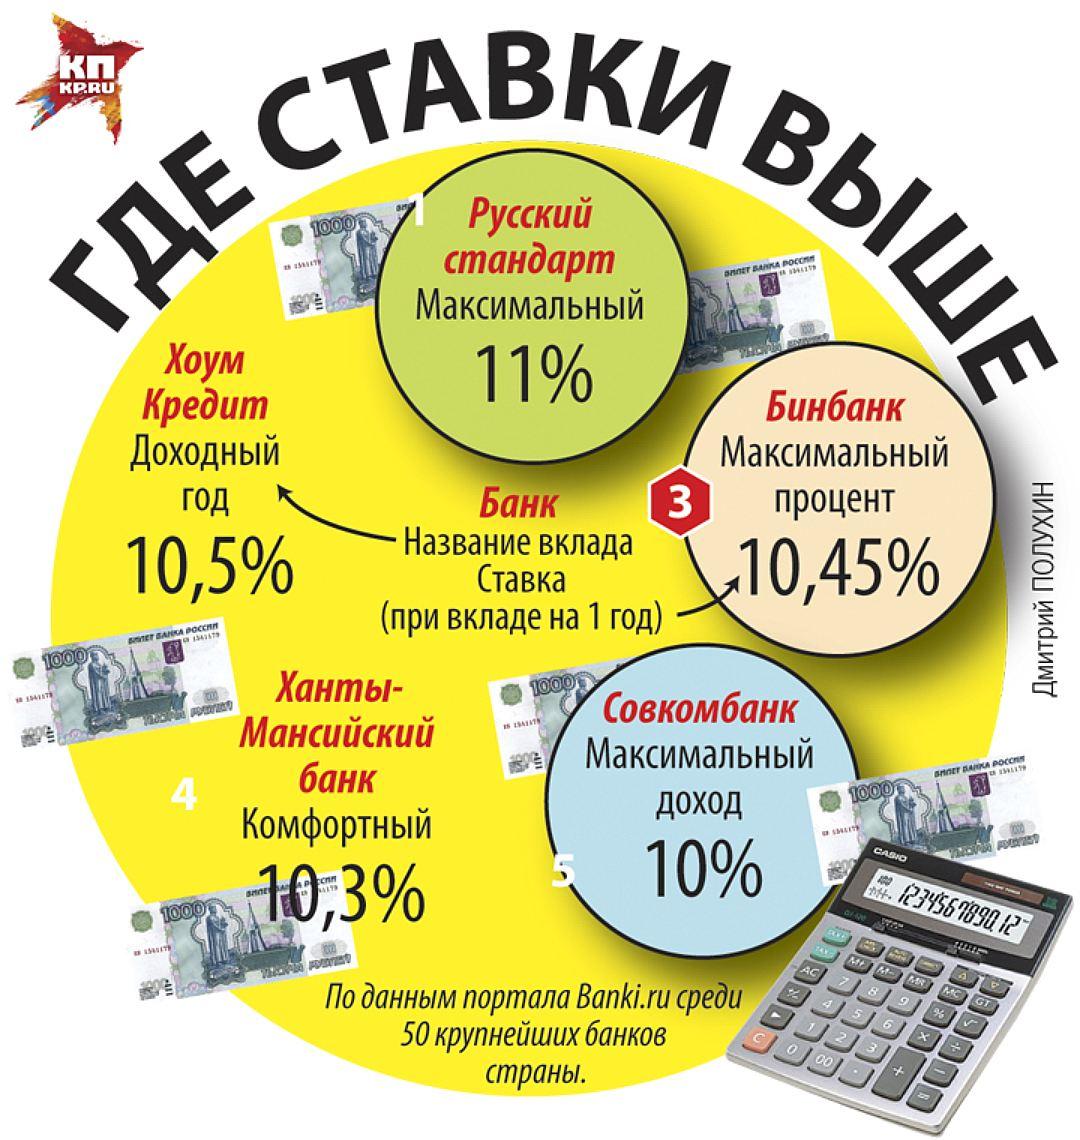 проценты для пенсионеров в ханты мансийском банке мотоциклов пробегом Бурятии